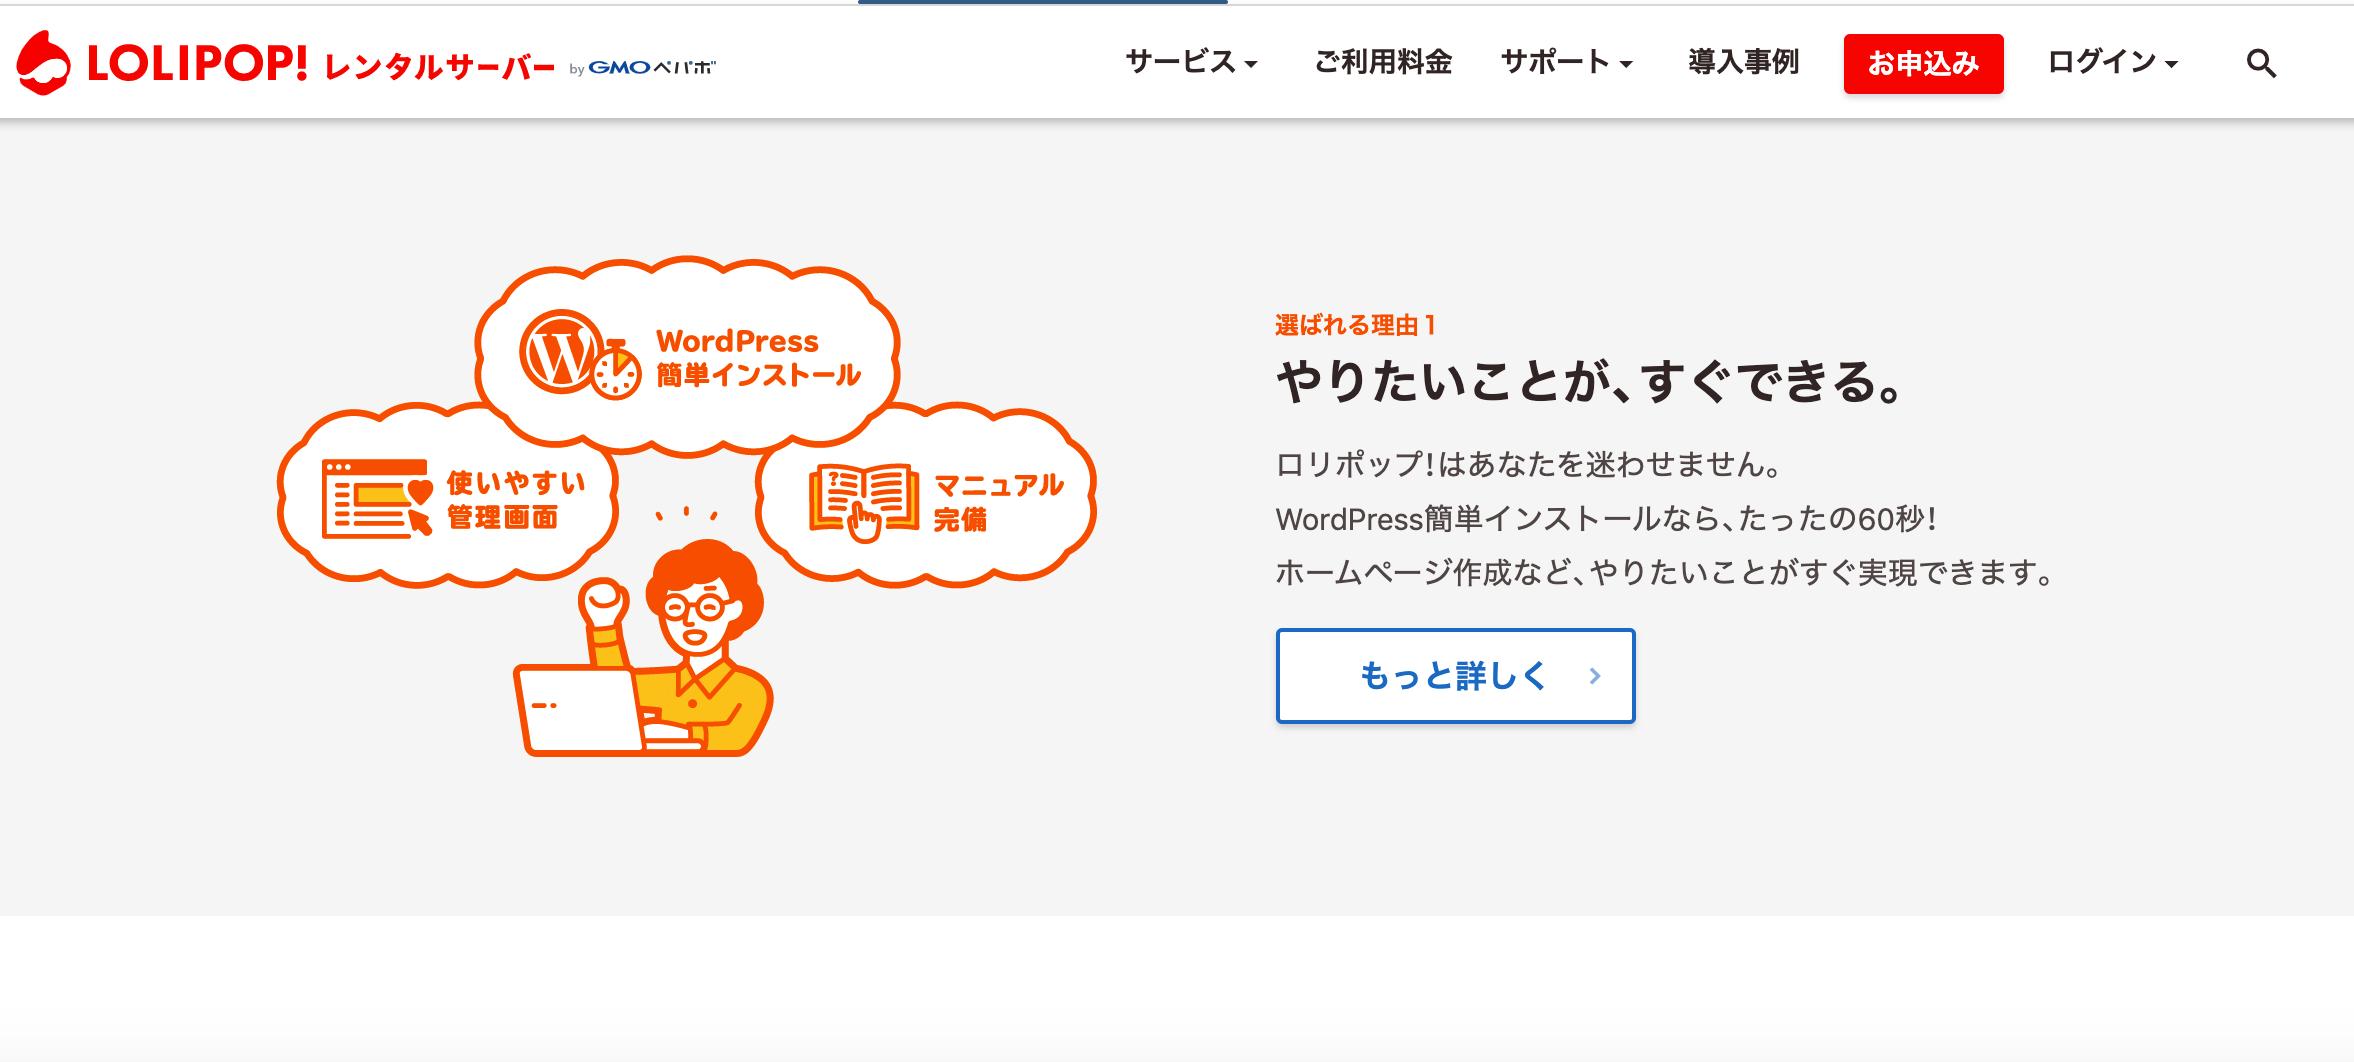 札幌 初心者向けWordPress サポート 加藤敦志